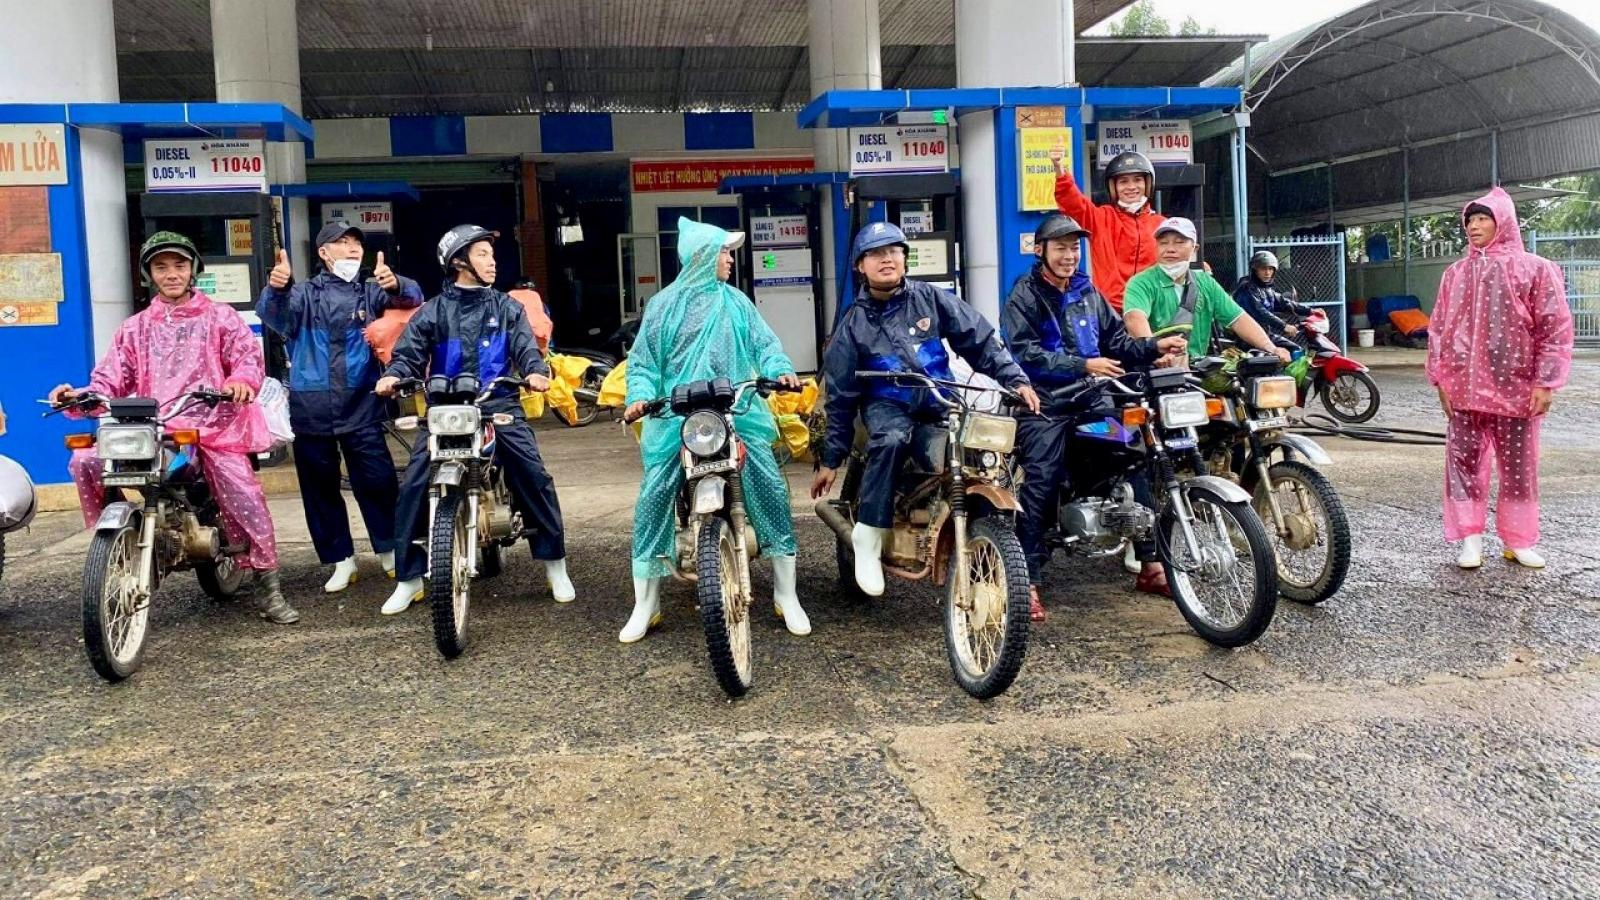 Tiếp sức cho đoàn cứu trợ đến với xã cô lập ở Phước Sơn, Quảng Nam